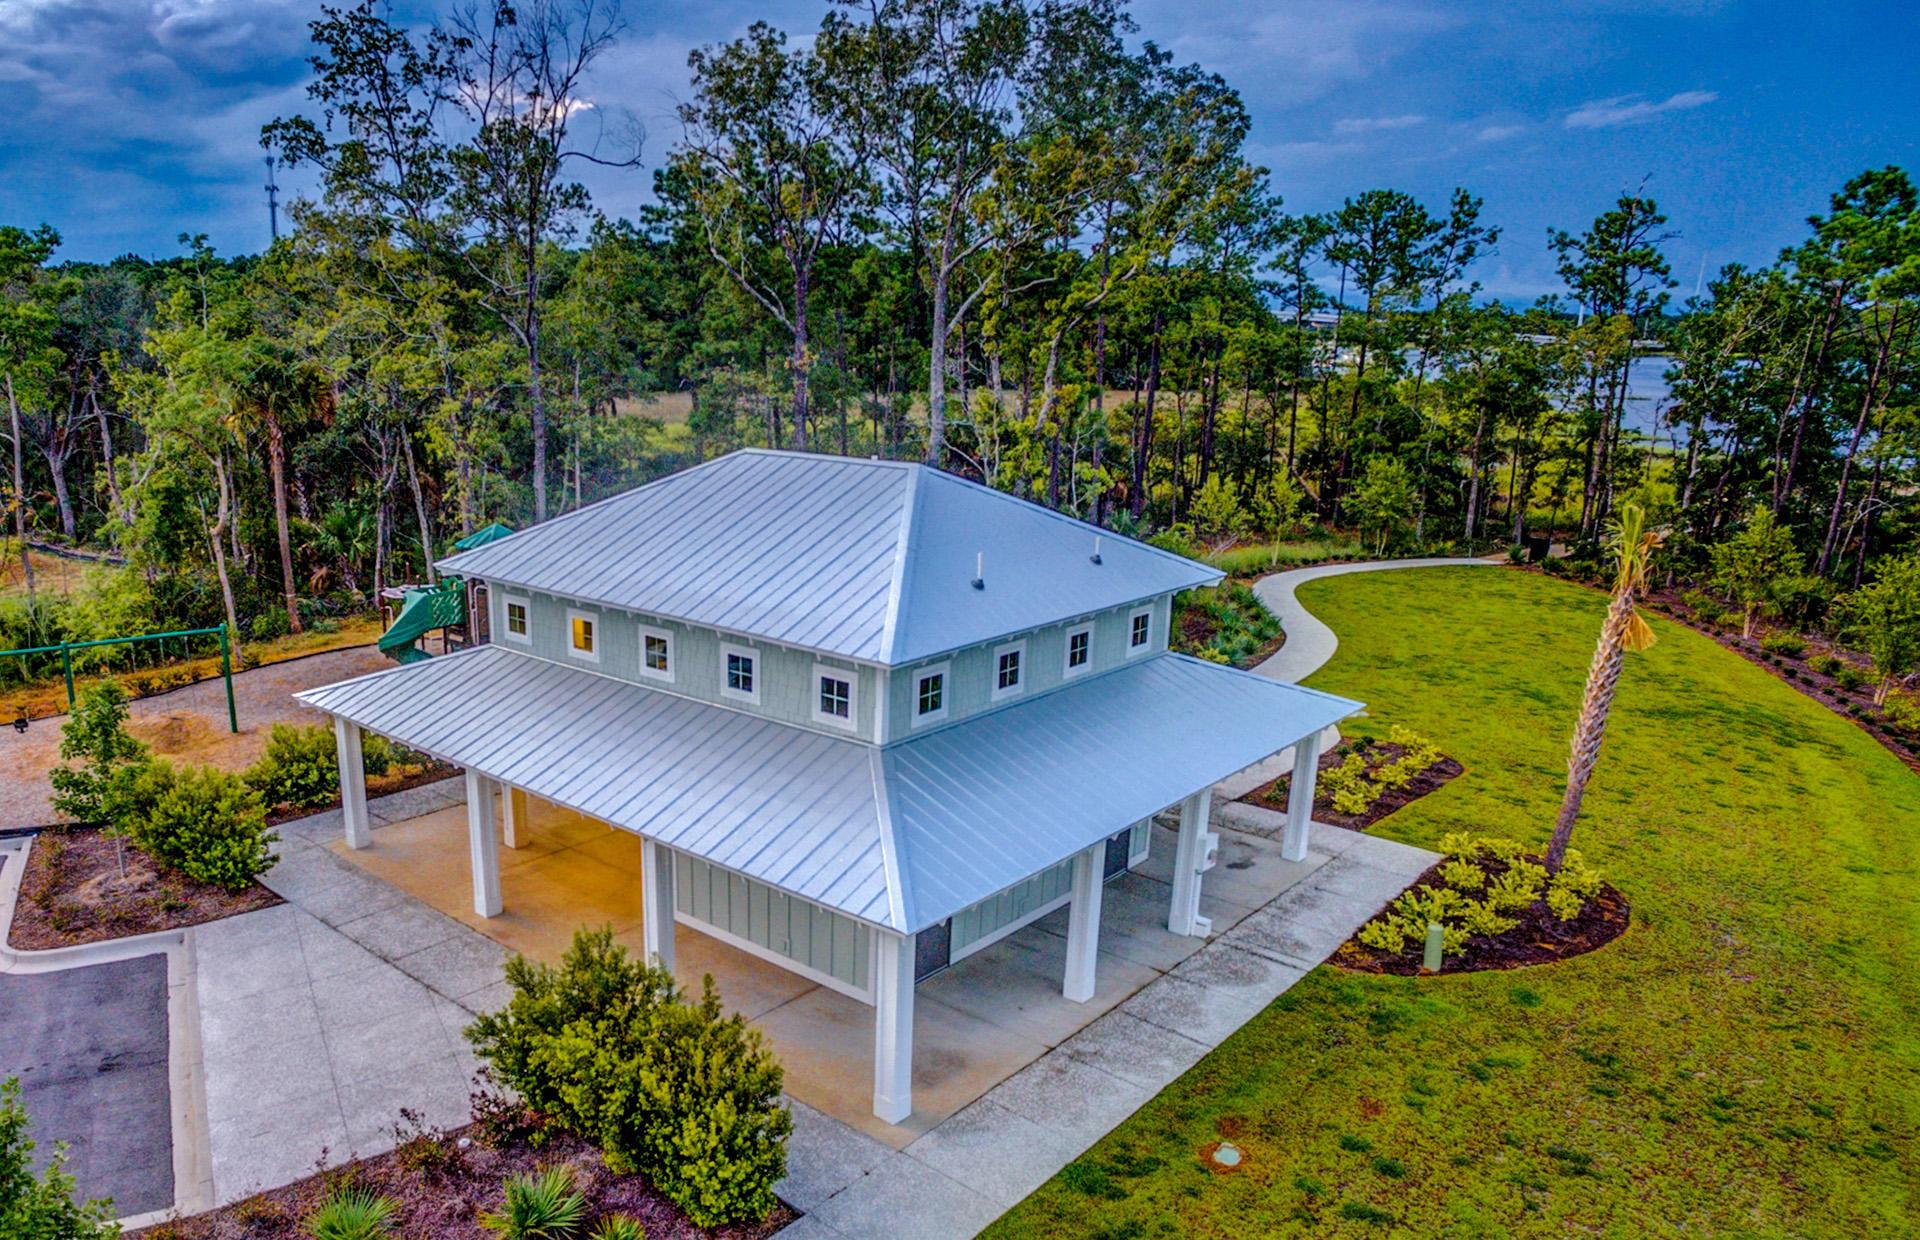 Dunes West Homes For Sale - 1068 Lyle, Mount Pleasant, SC - 3